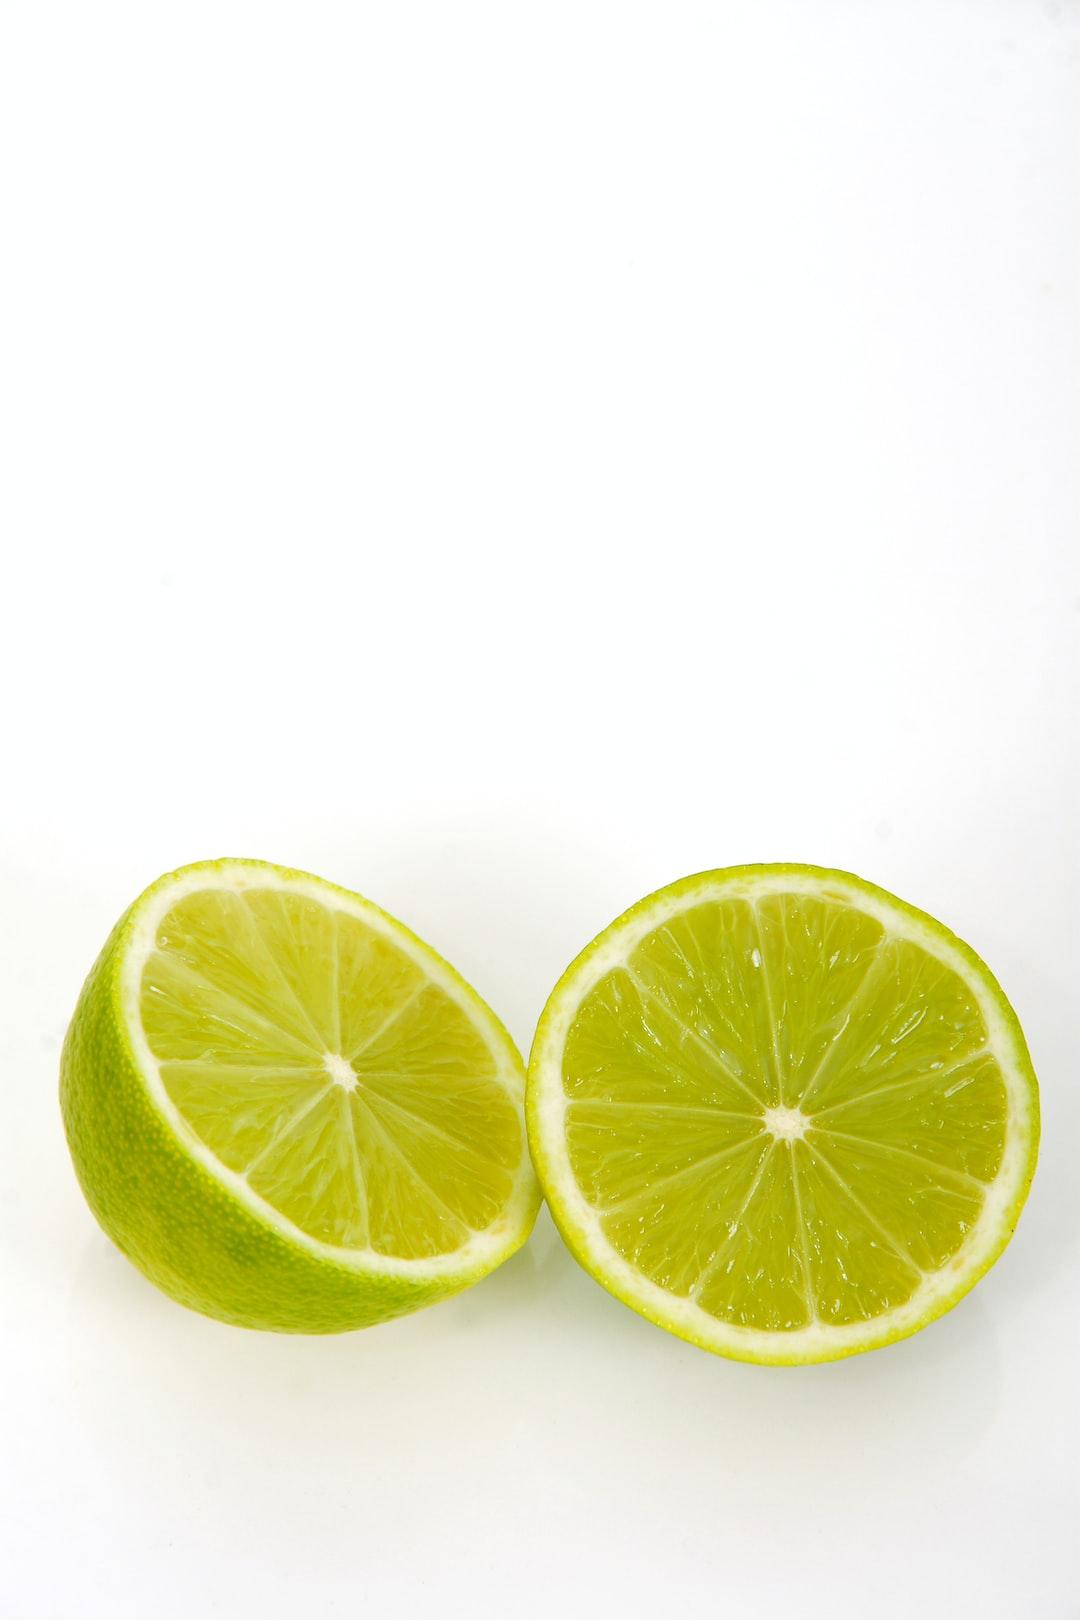 Lemon, Lemons, Lime, Limes